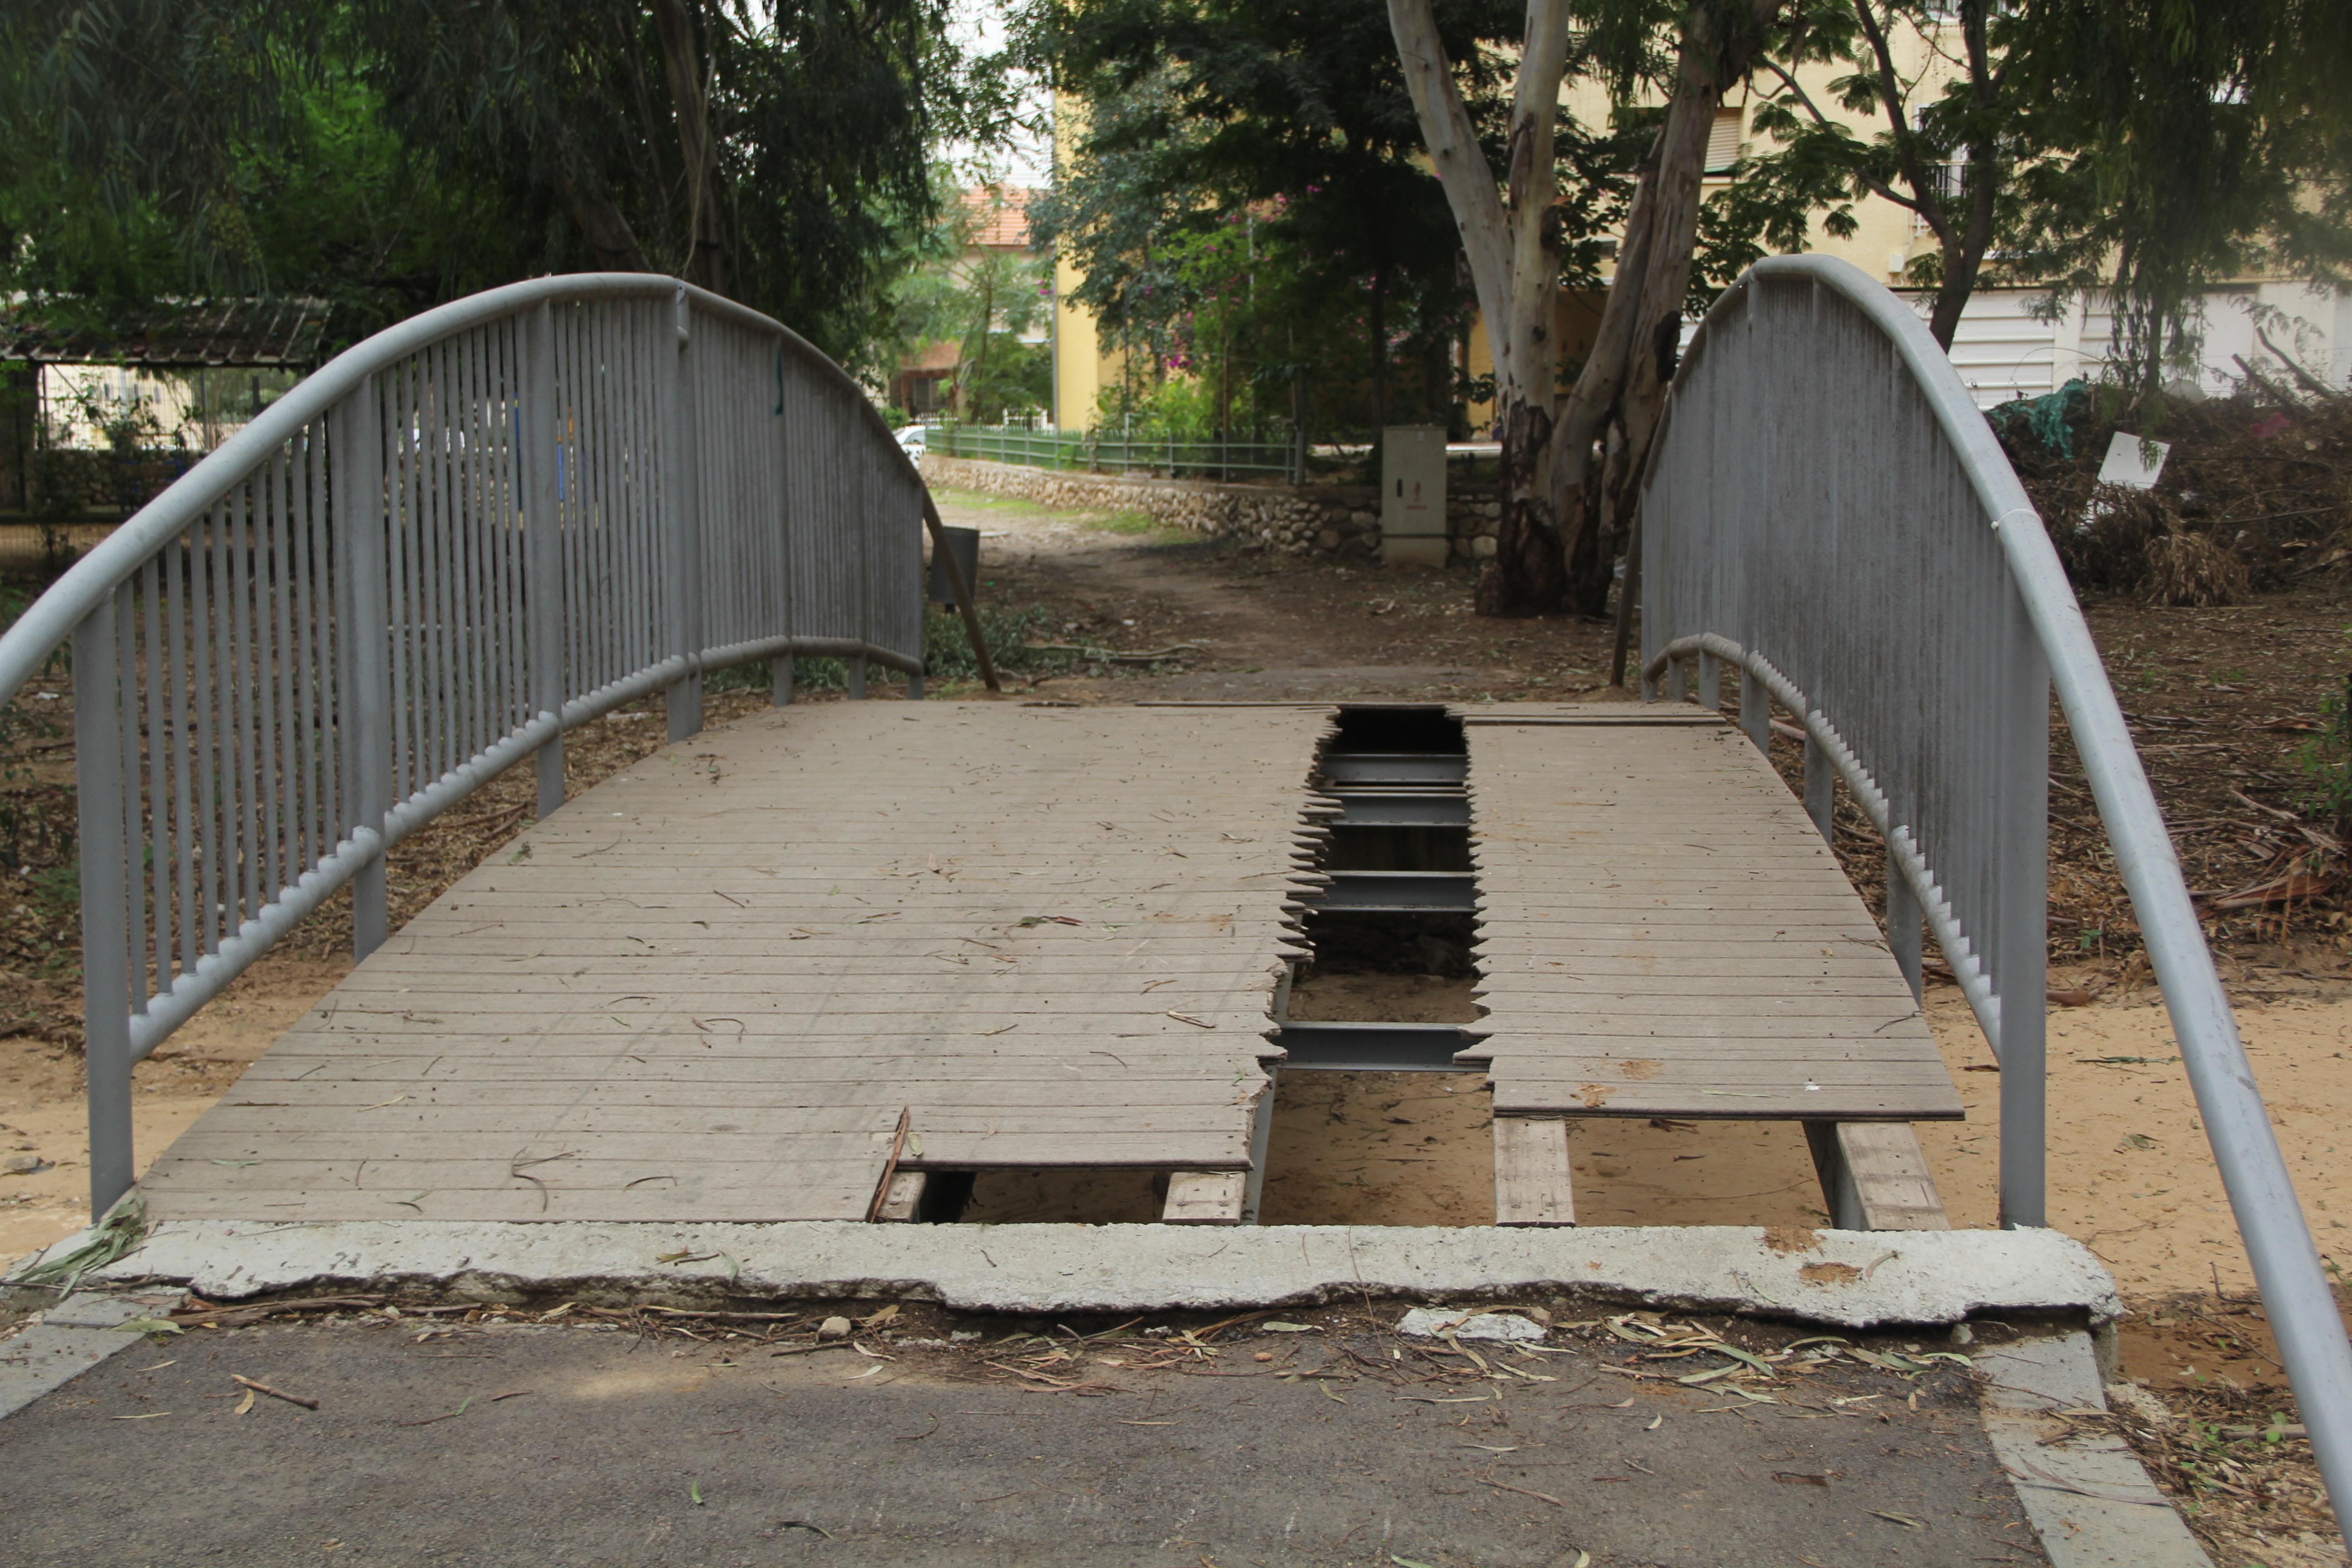 גשר העץ השבור. צילום: שיר רייטר